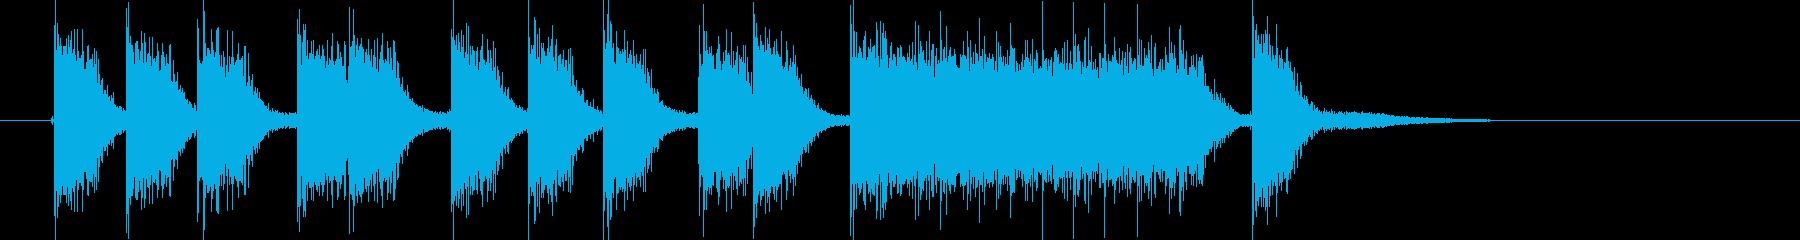 応援する時の音の再生済みの波形